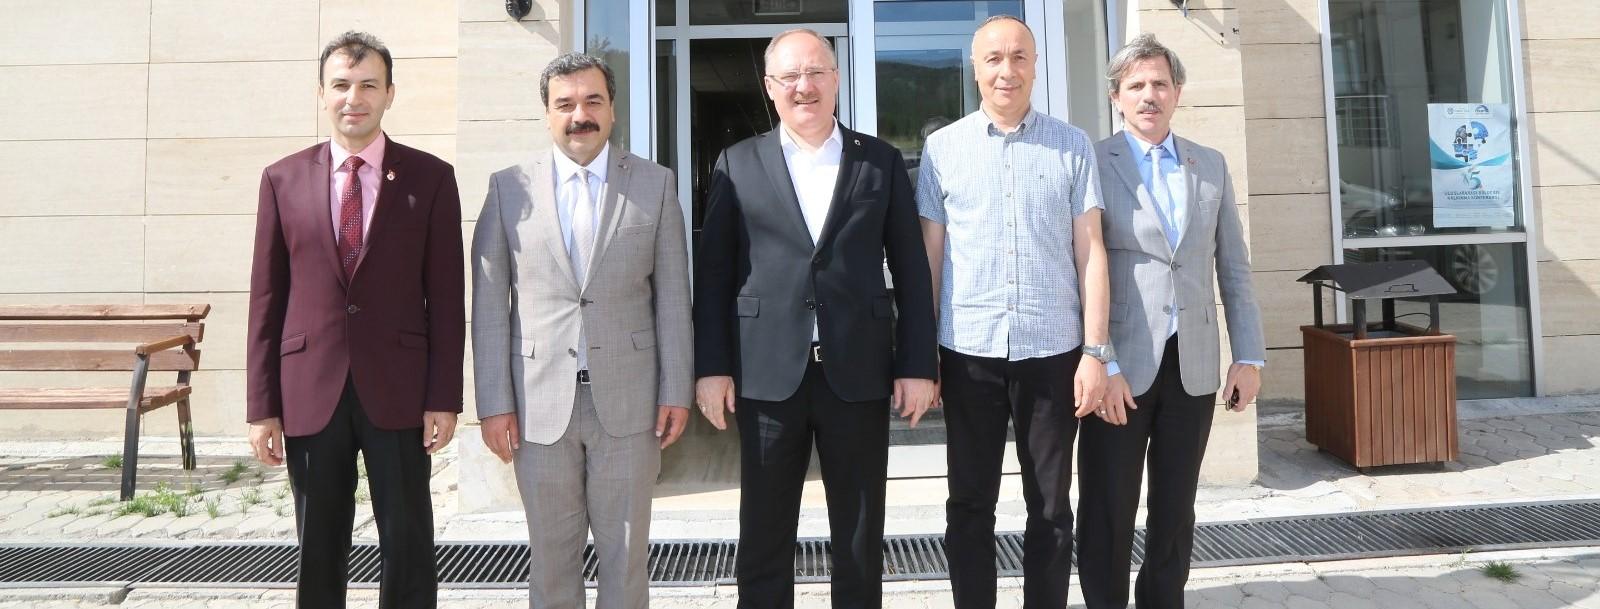 Sivas Belediye Başkanımız Sayın Hilmi Bilgin Üniversitemizi Ziyaret Etti